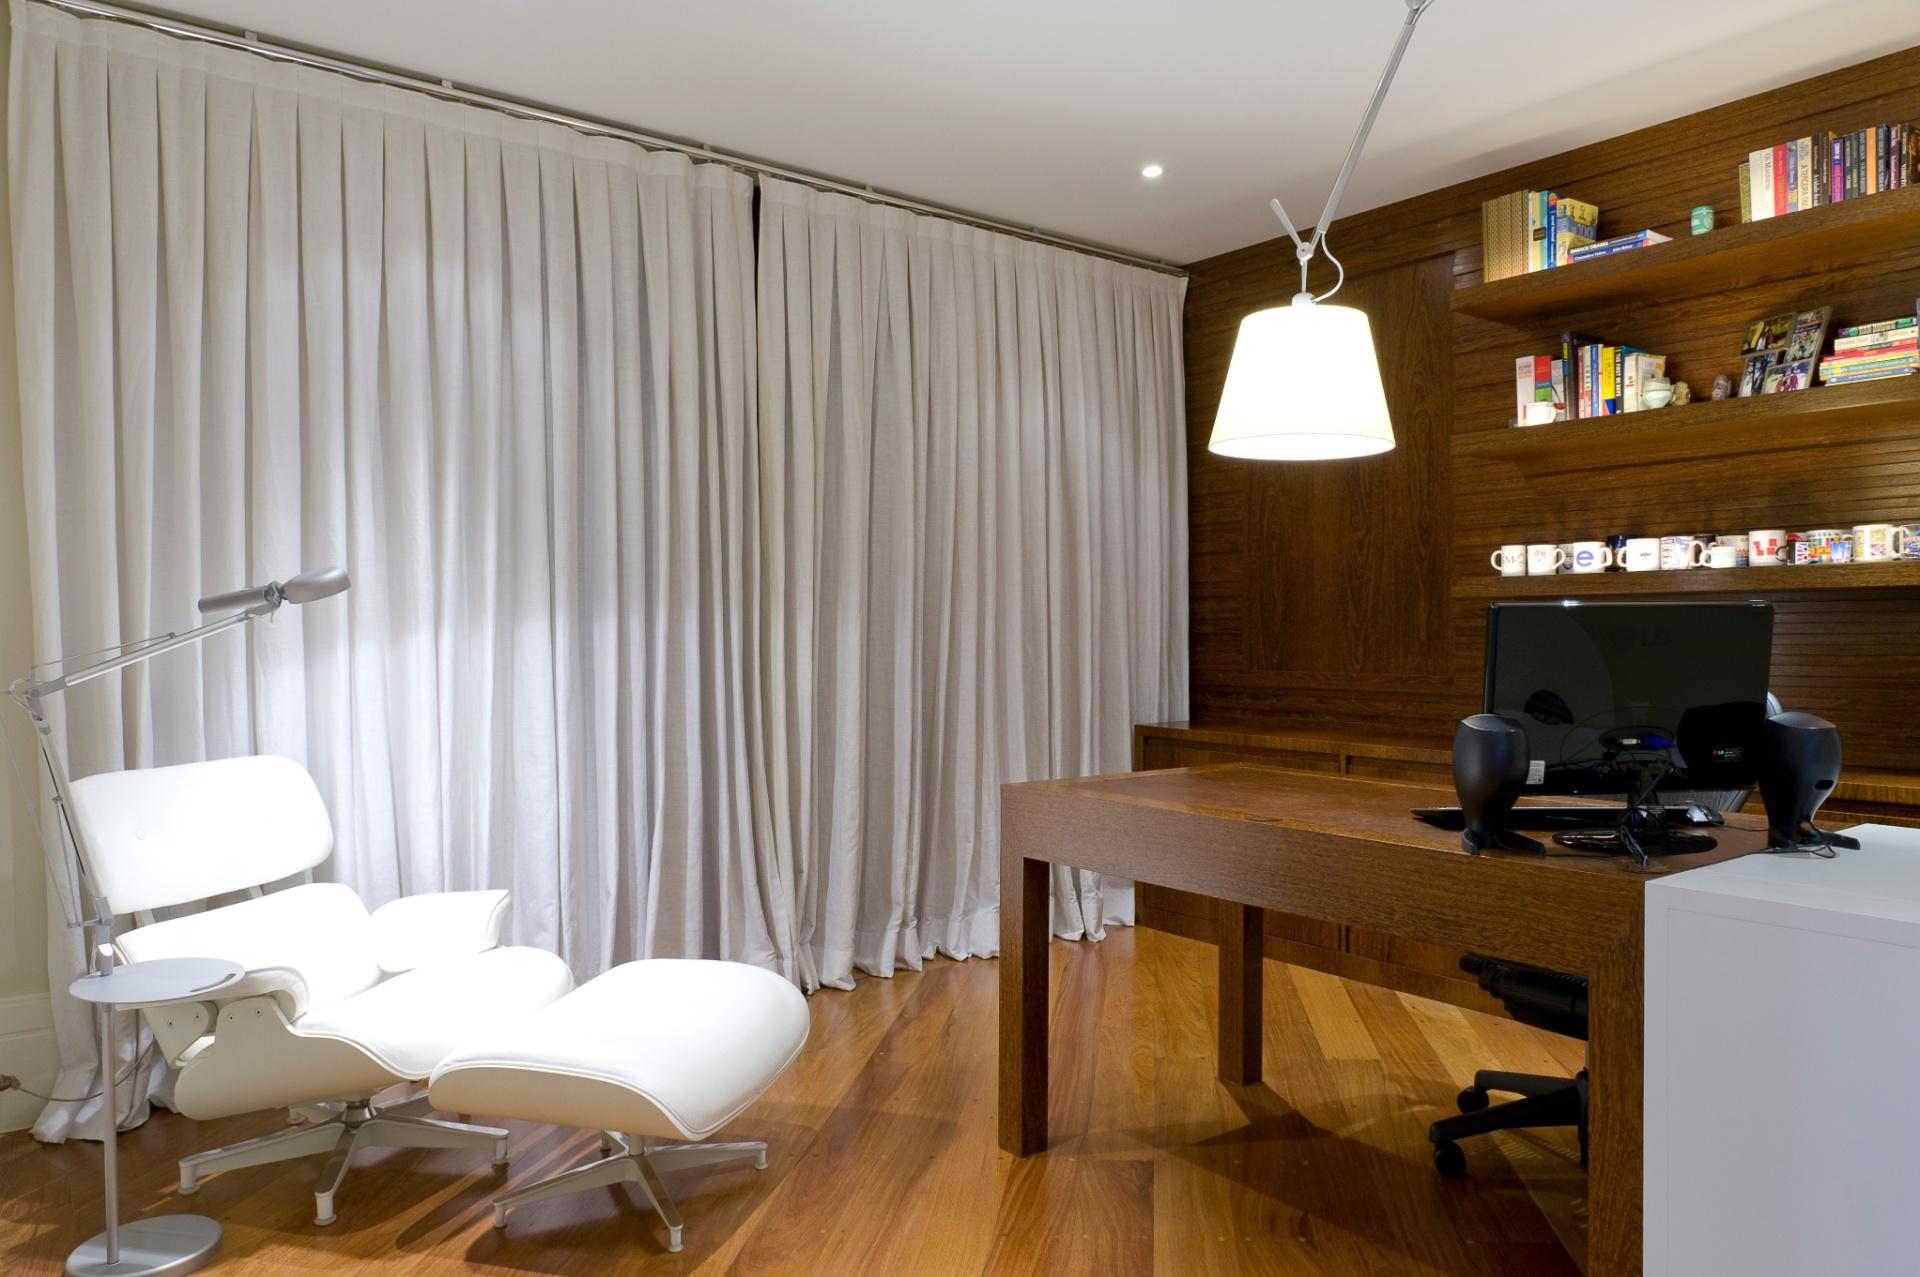 Na proposta do arquiteto Gustavo Motta para o home office de 15,50 m², equilíbrio entre a neutralidade da cor e o calor da madeira e do couro. A cortina em linho, da Casa Vestida, destaca o mobiliário executado pela Móveis Trettel. Já a poltrona Charles Eames, da Brentwood, se destaca no contexto devido à iluminação